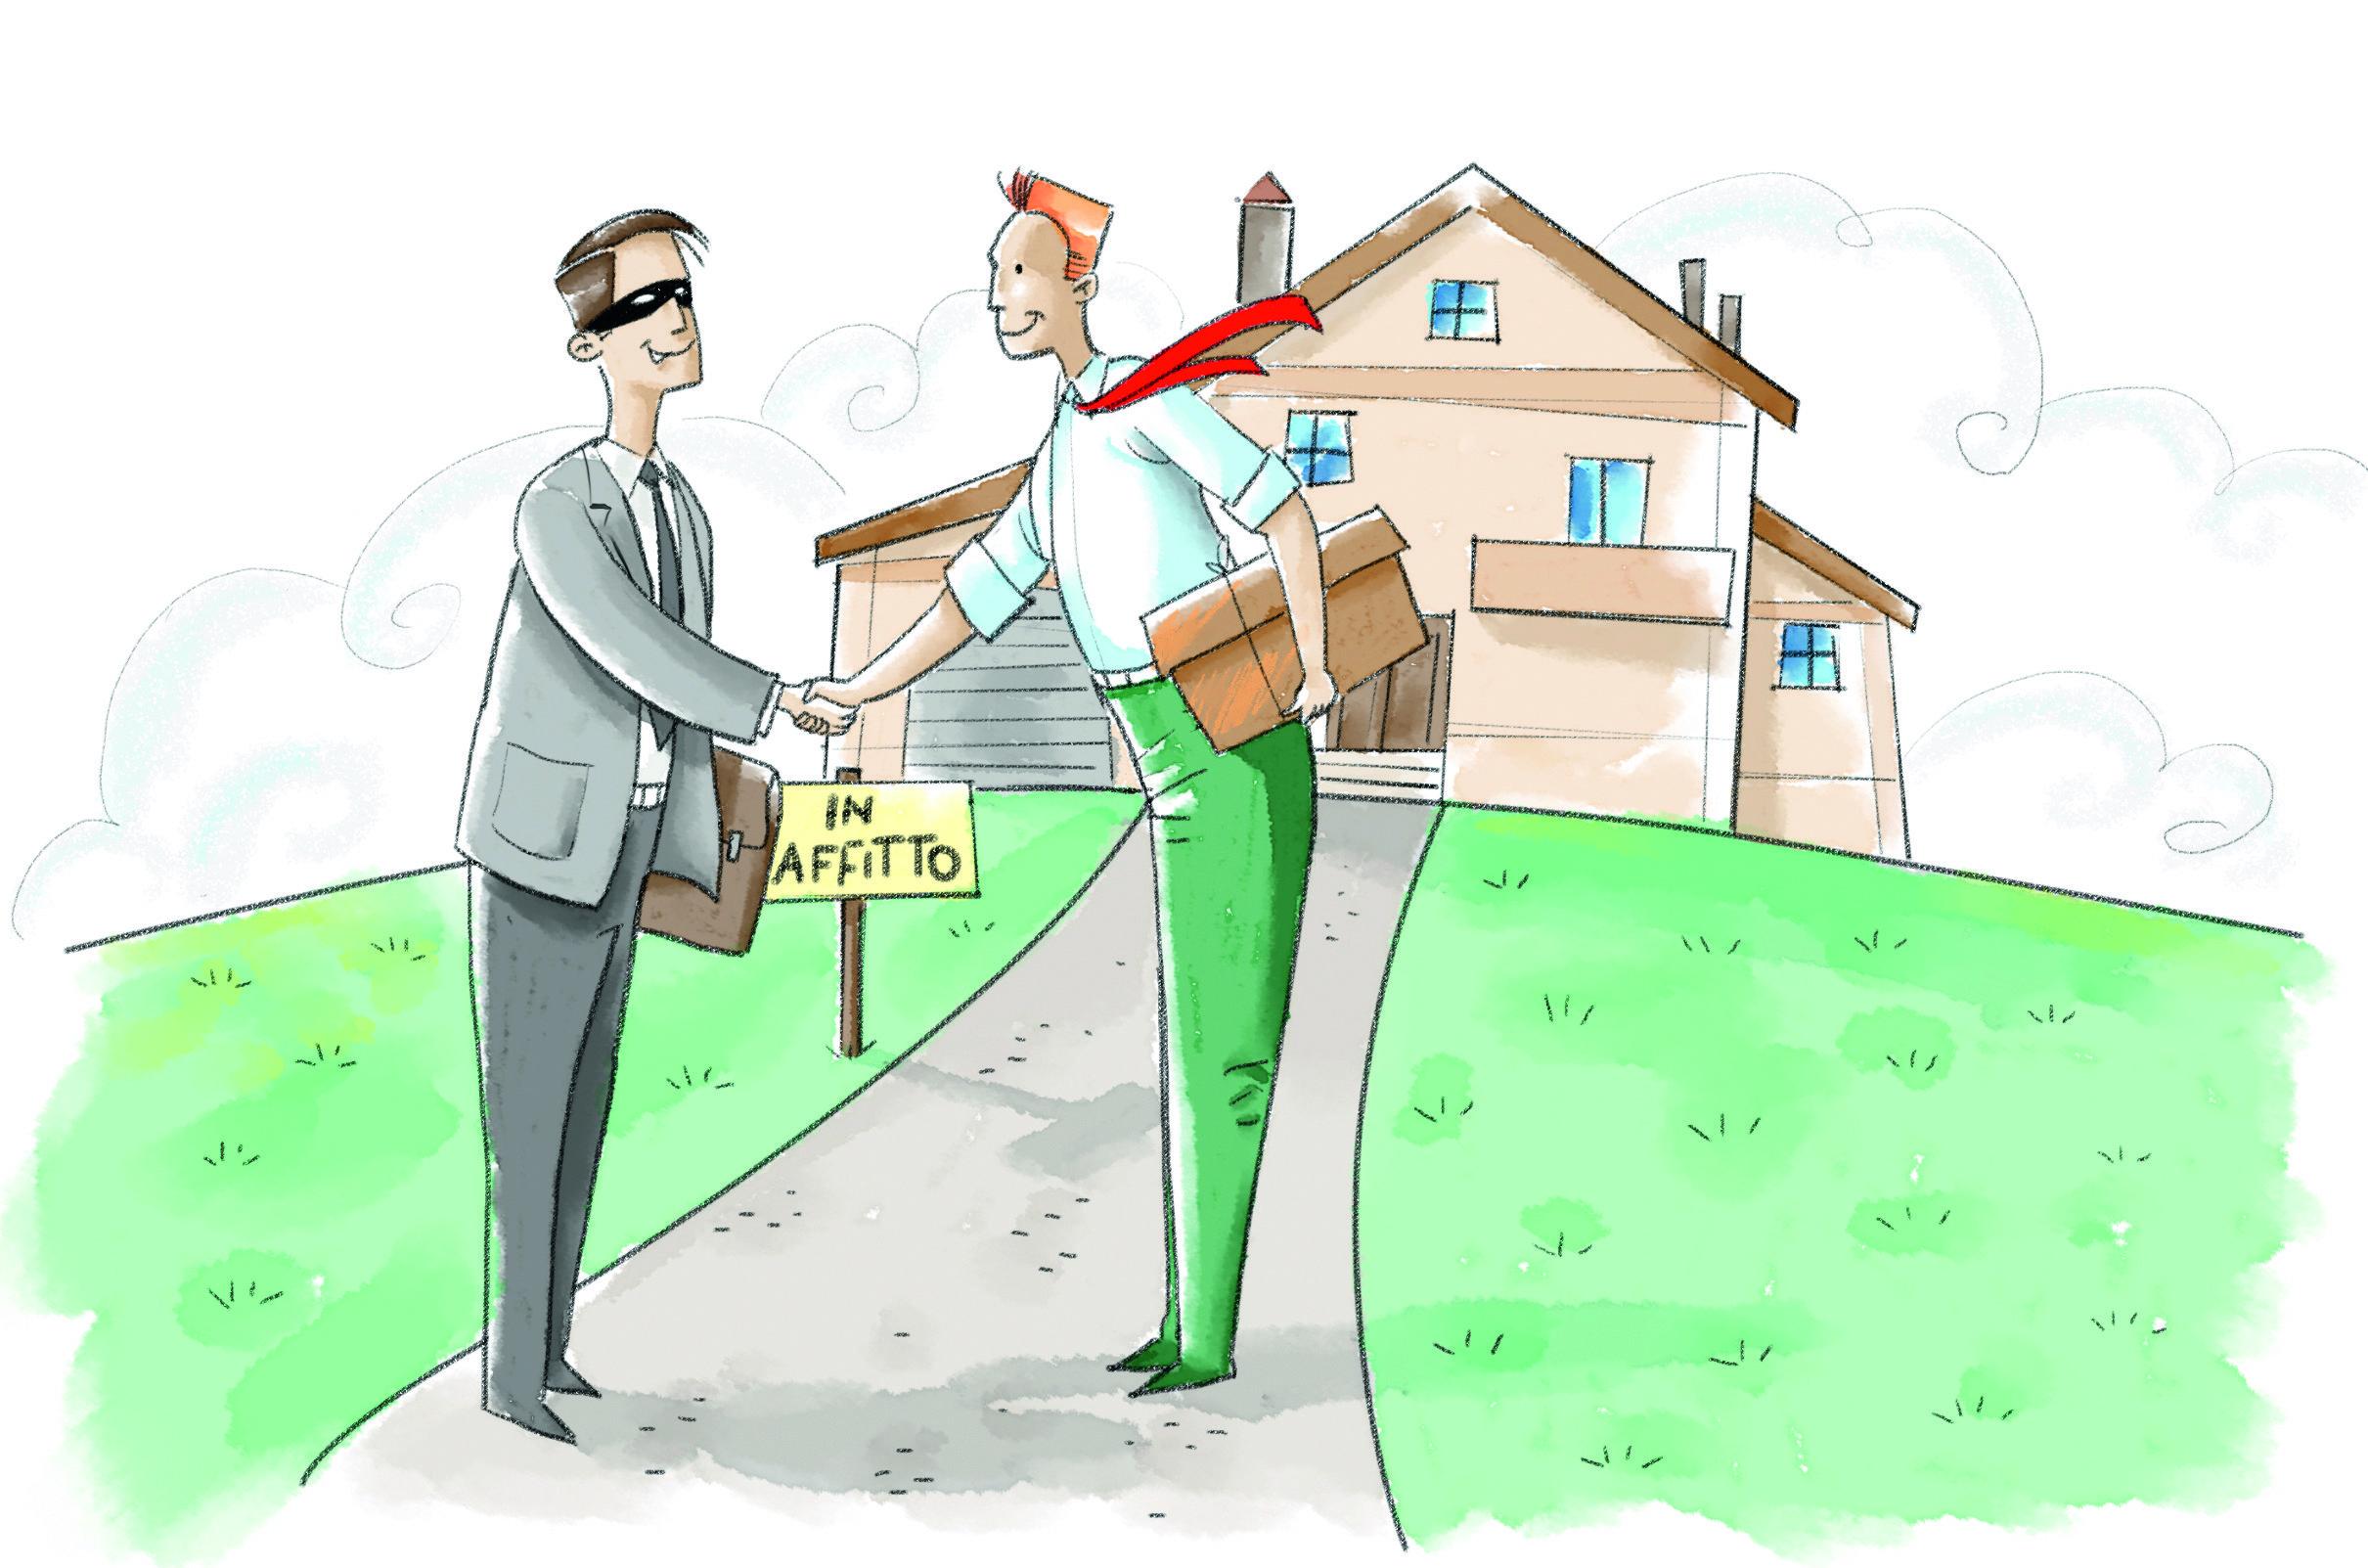 Saturno casa agenzia immobiliare servizi immobiliari for Detrazione affitto 2017